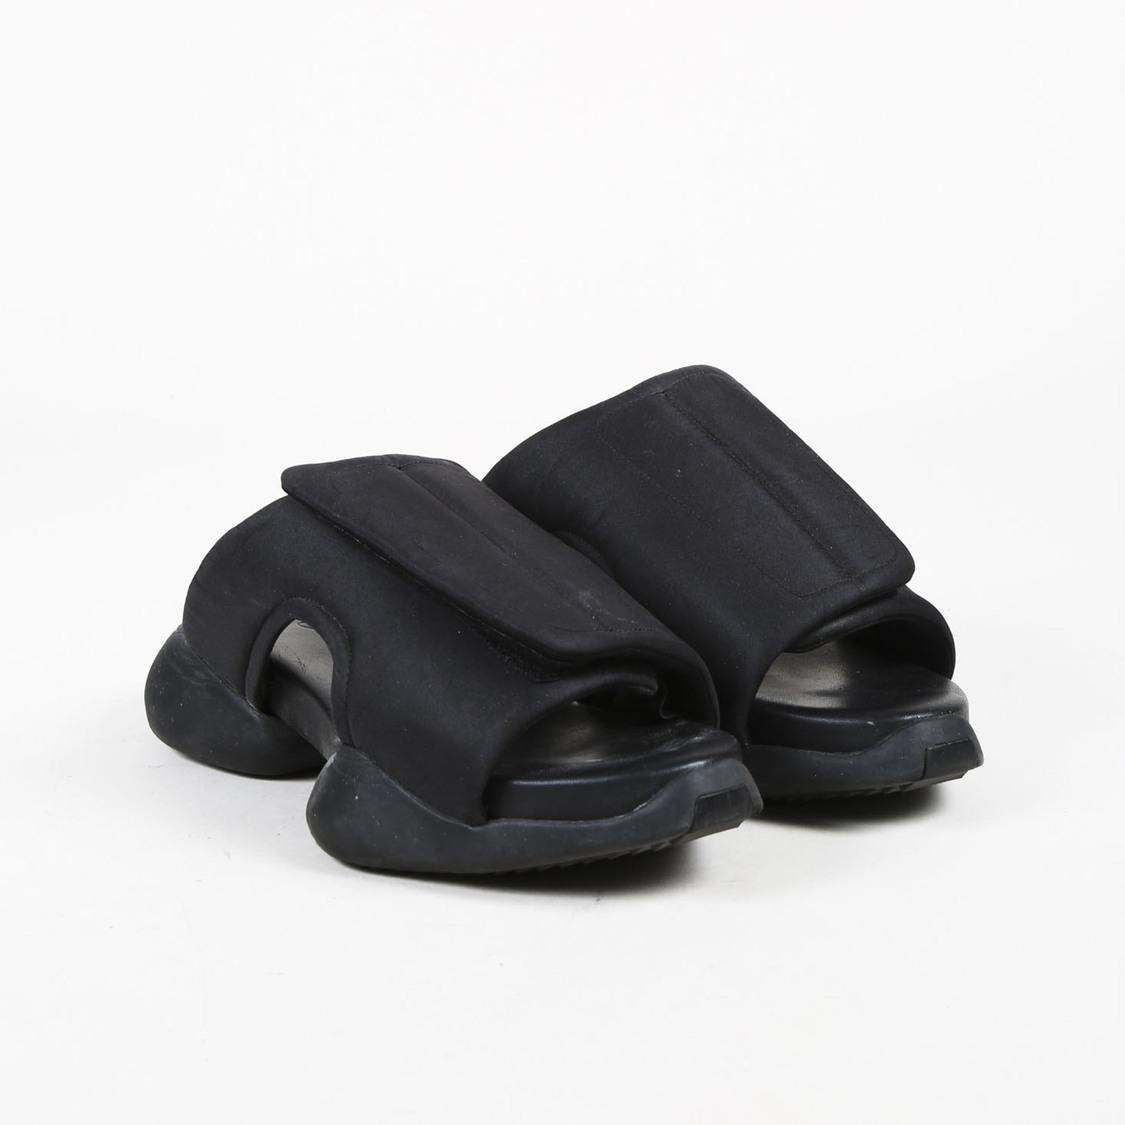 ae6db068c8bf Lyst - Rick Owens Black Nylon   Leather Clog Sandals in Black